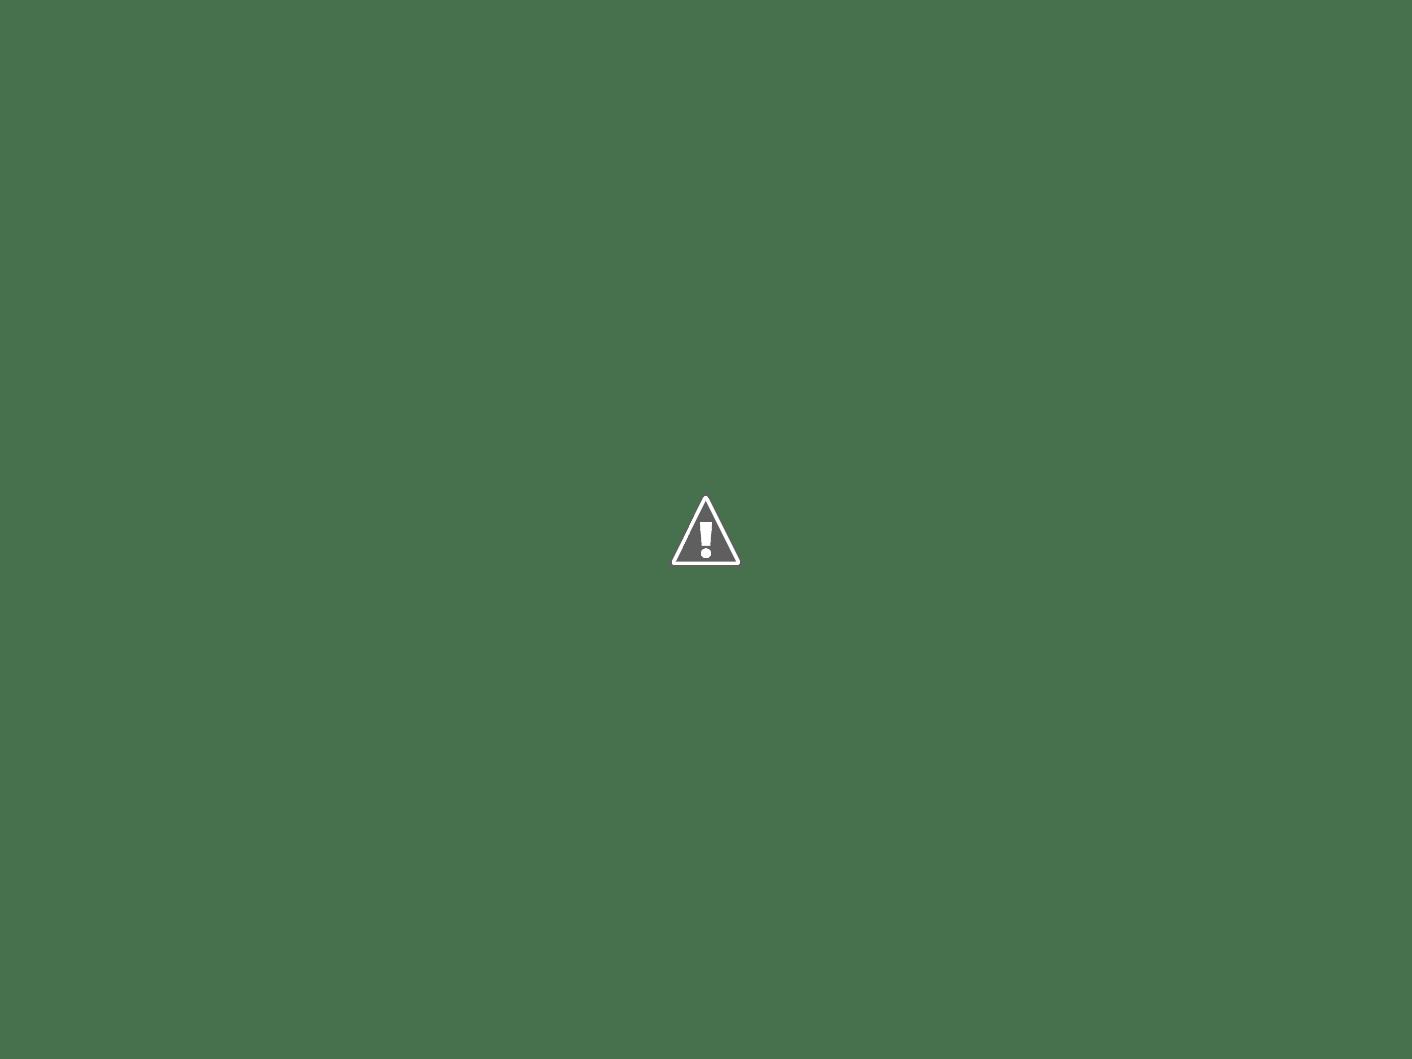 Fót - Gróf Apponyi Franciska-szobor az óvodakertben